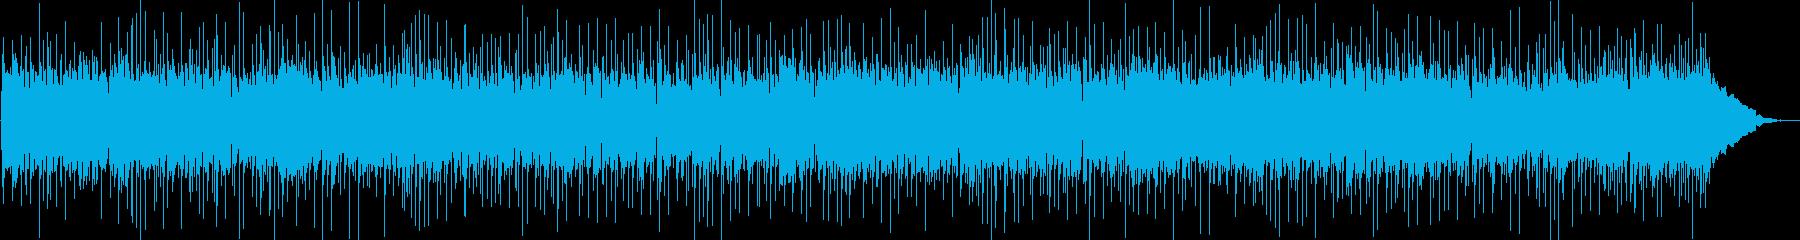 80年代スタイルのロックサウンドス...の再生済みの波形